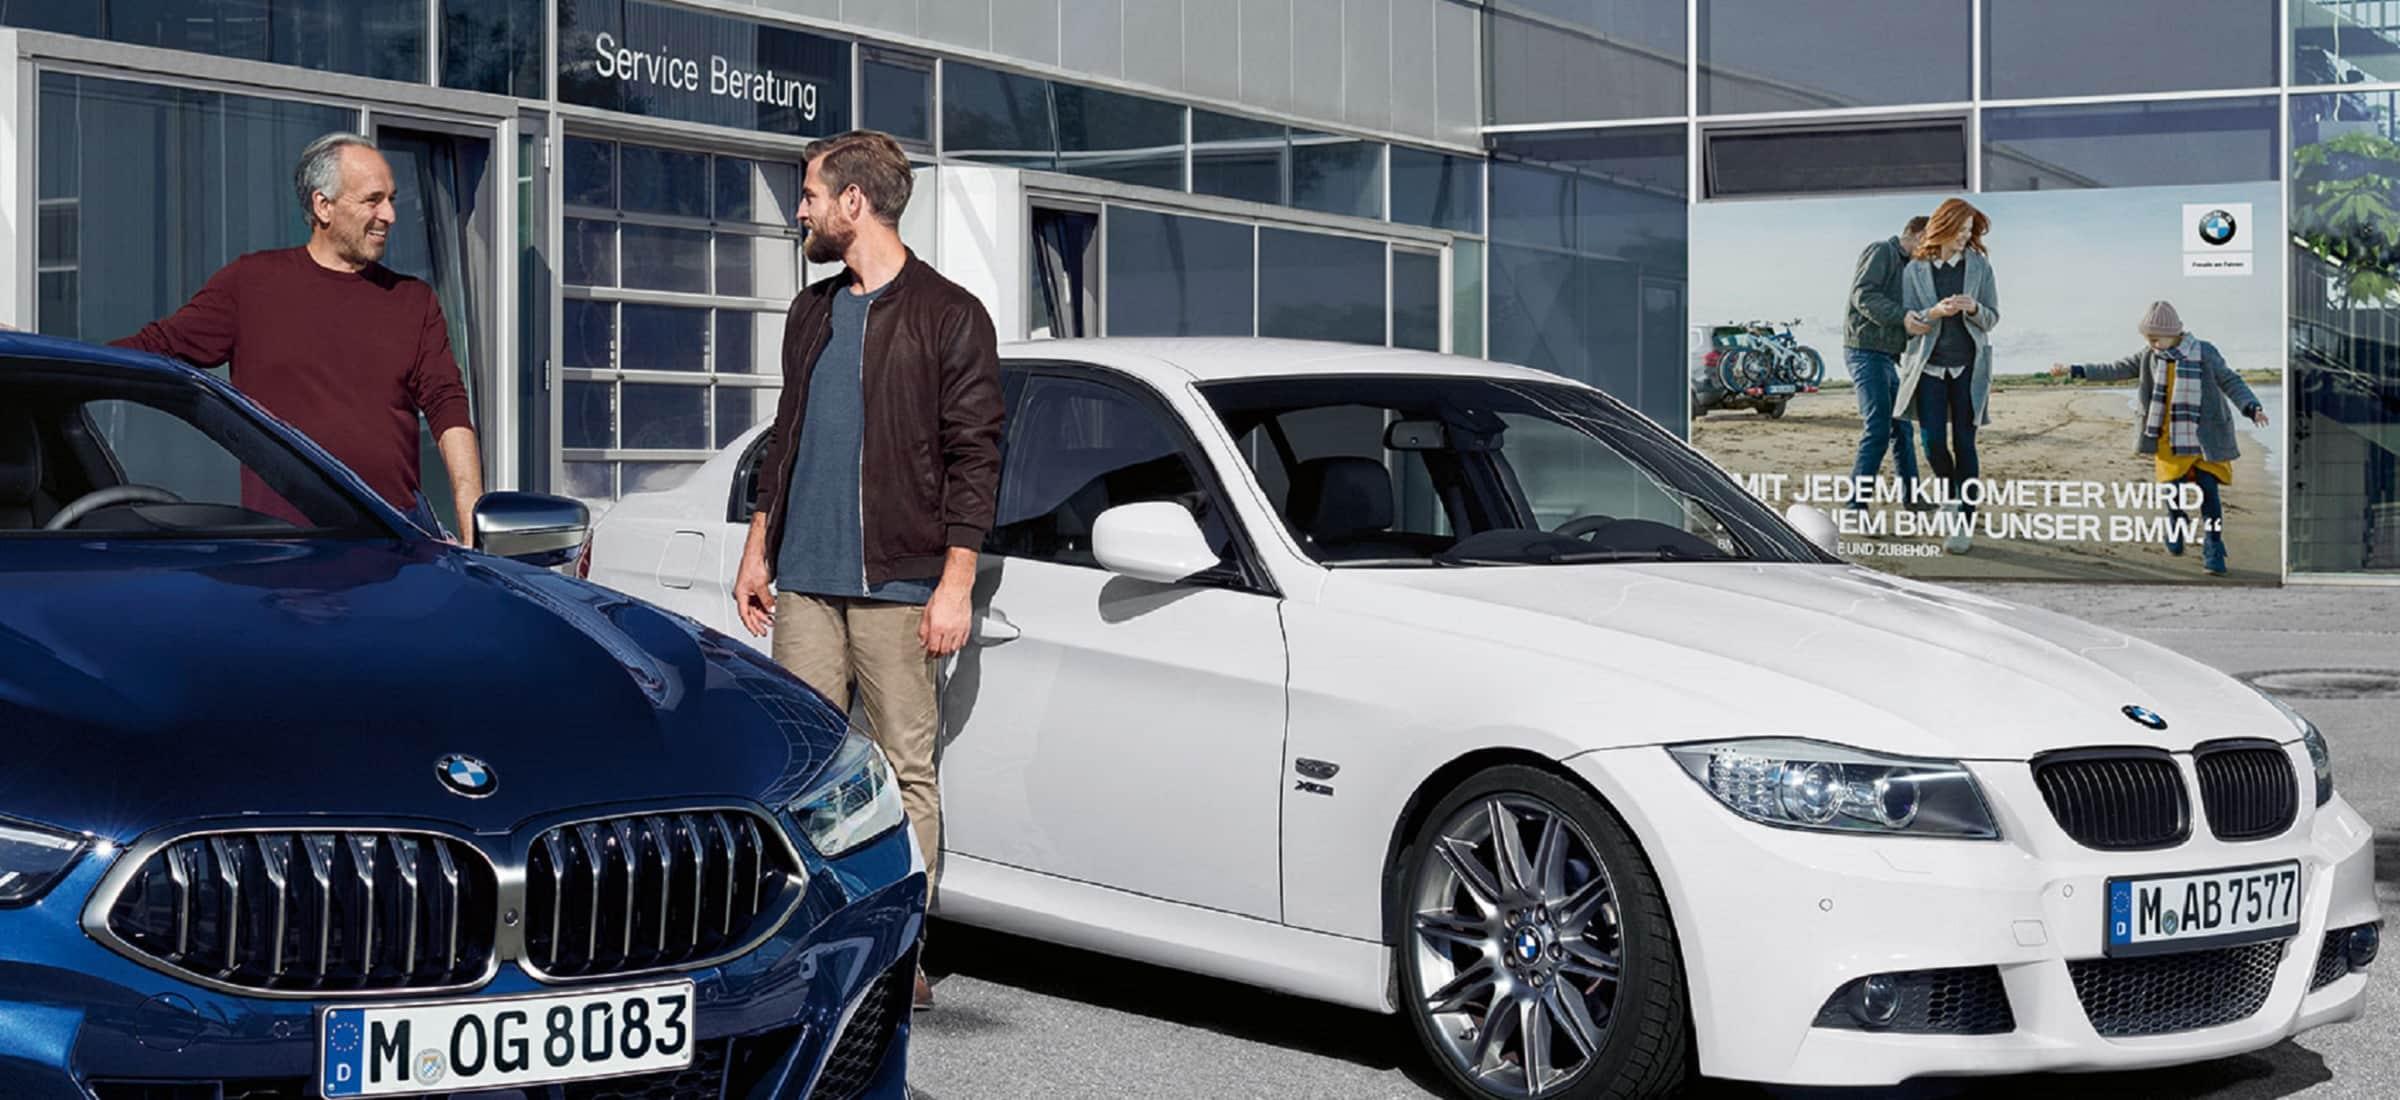 BMW Service 5+